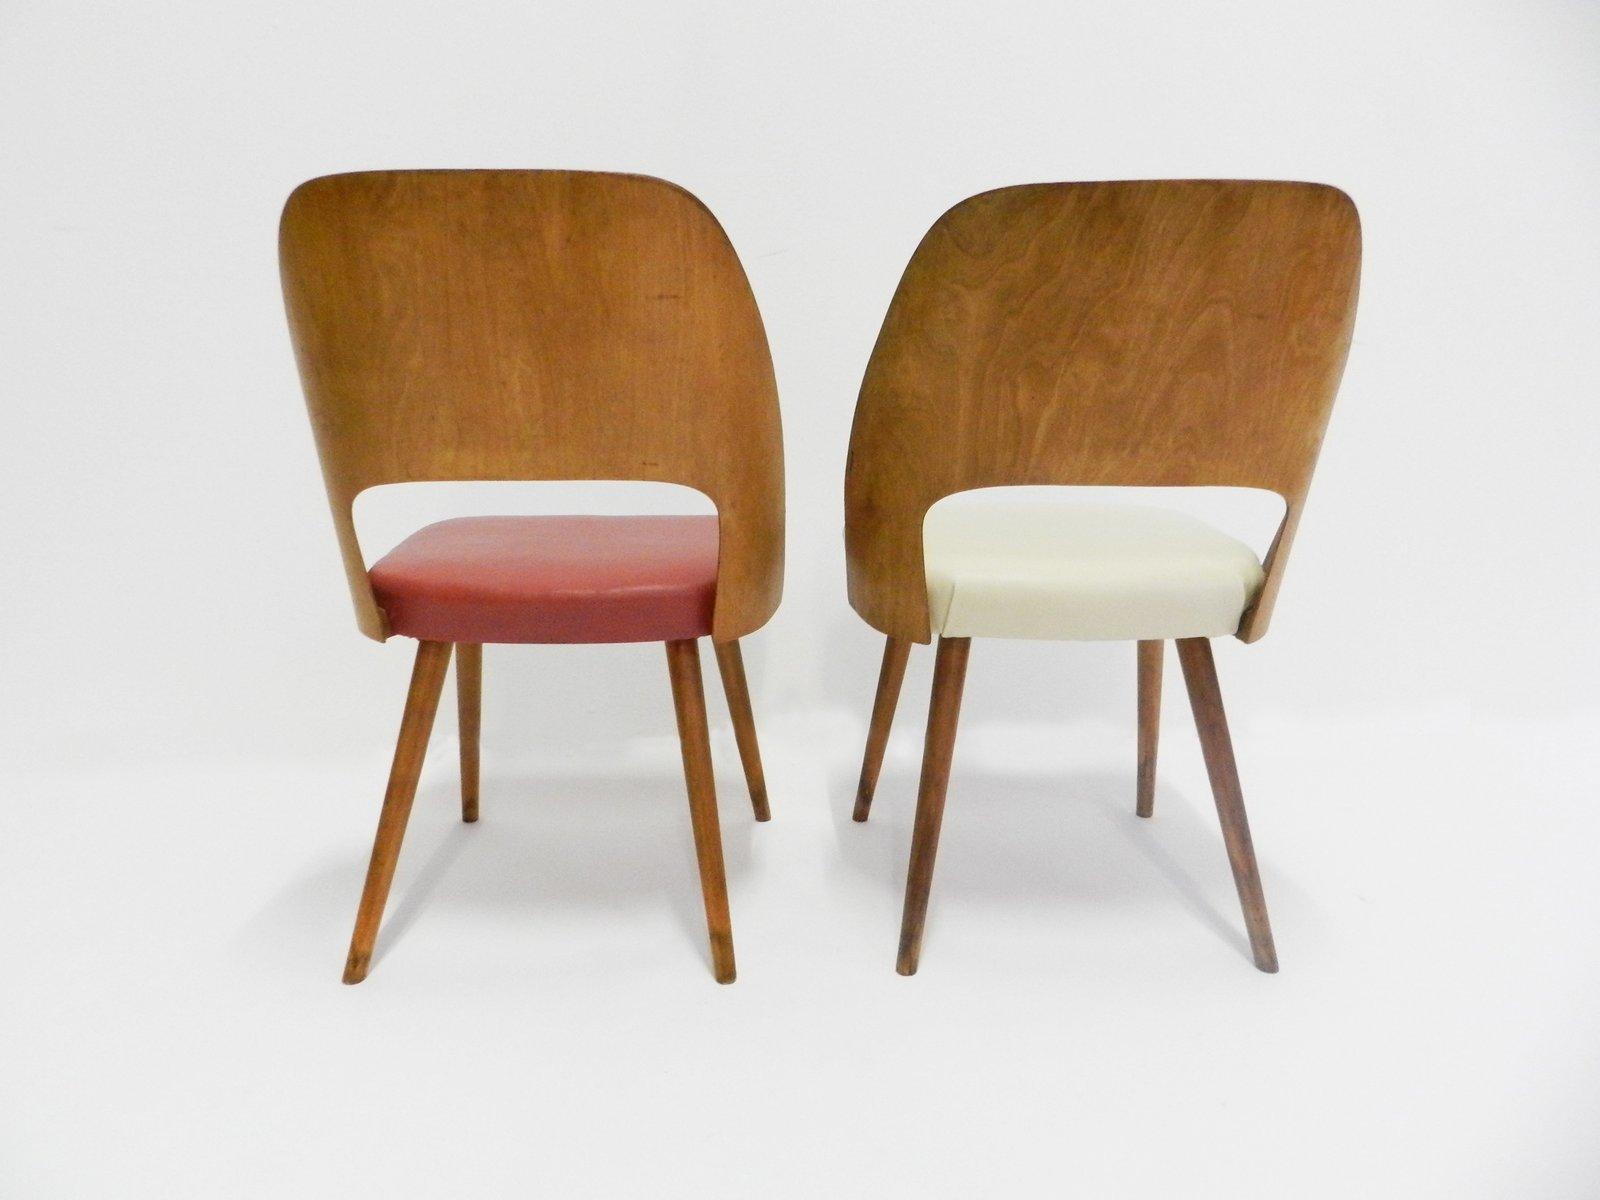 d nische st hle in rot wei 1950er bei pamono kaufen. Black Bedroom Furniture Sets. Home Design Ideas